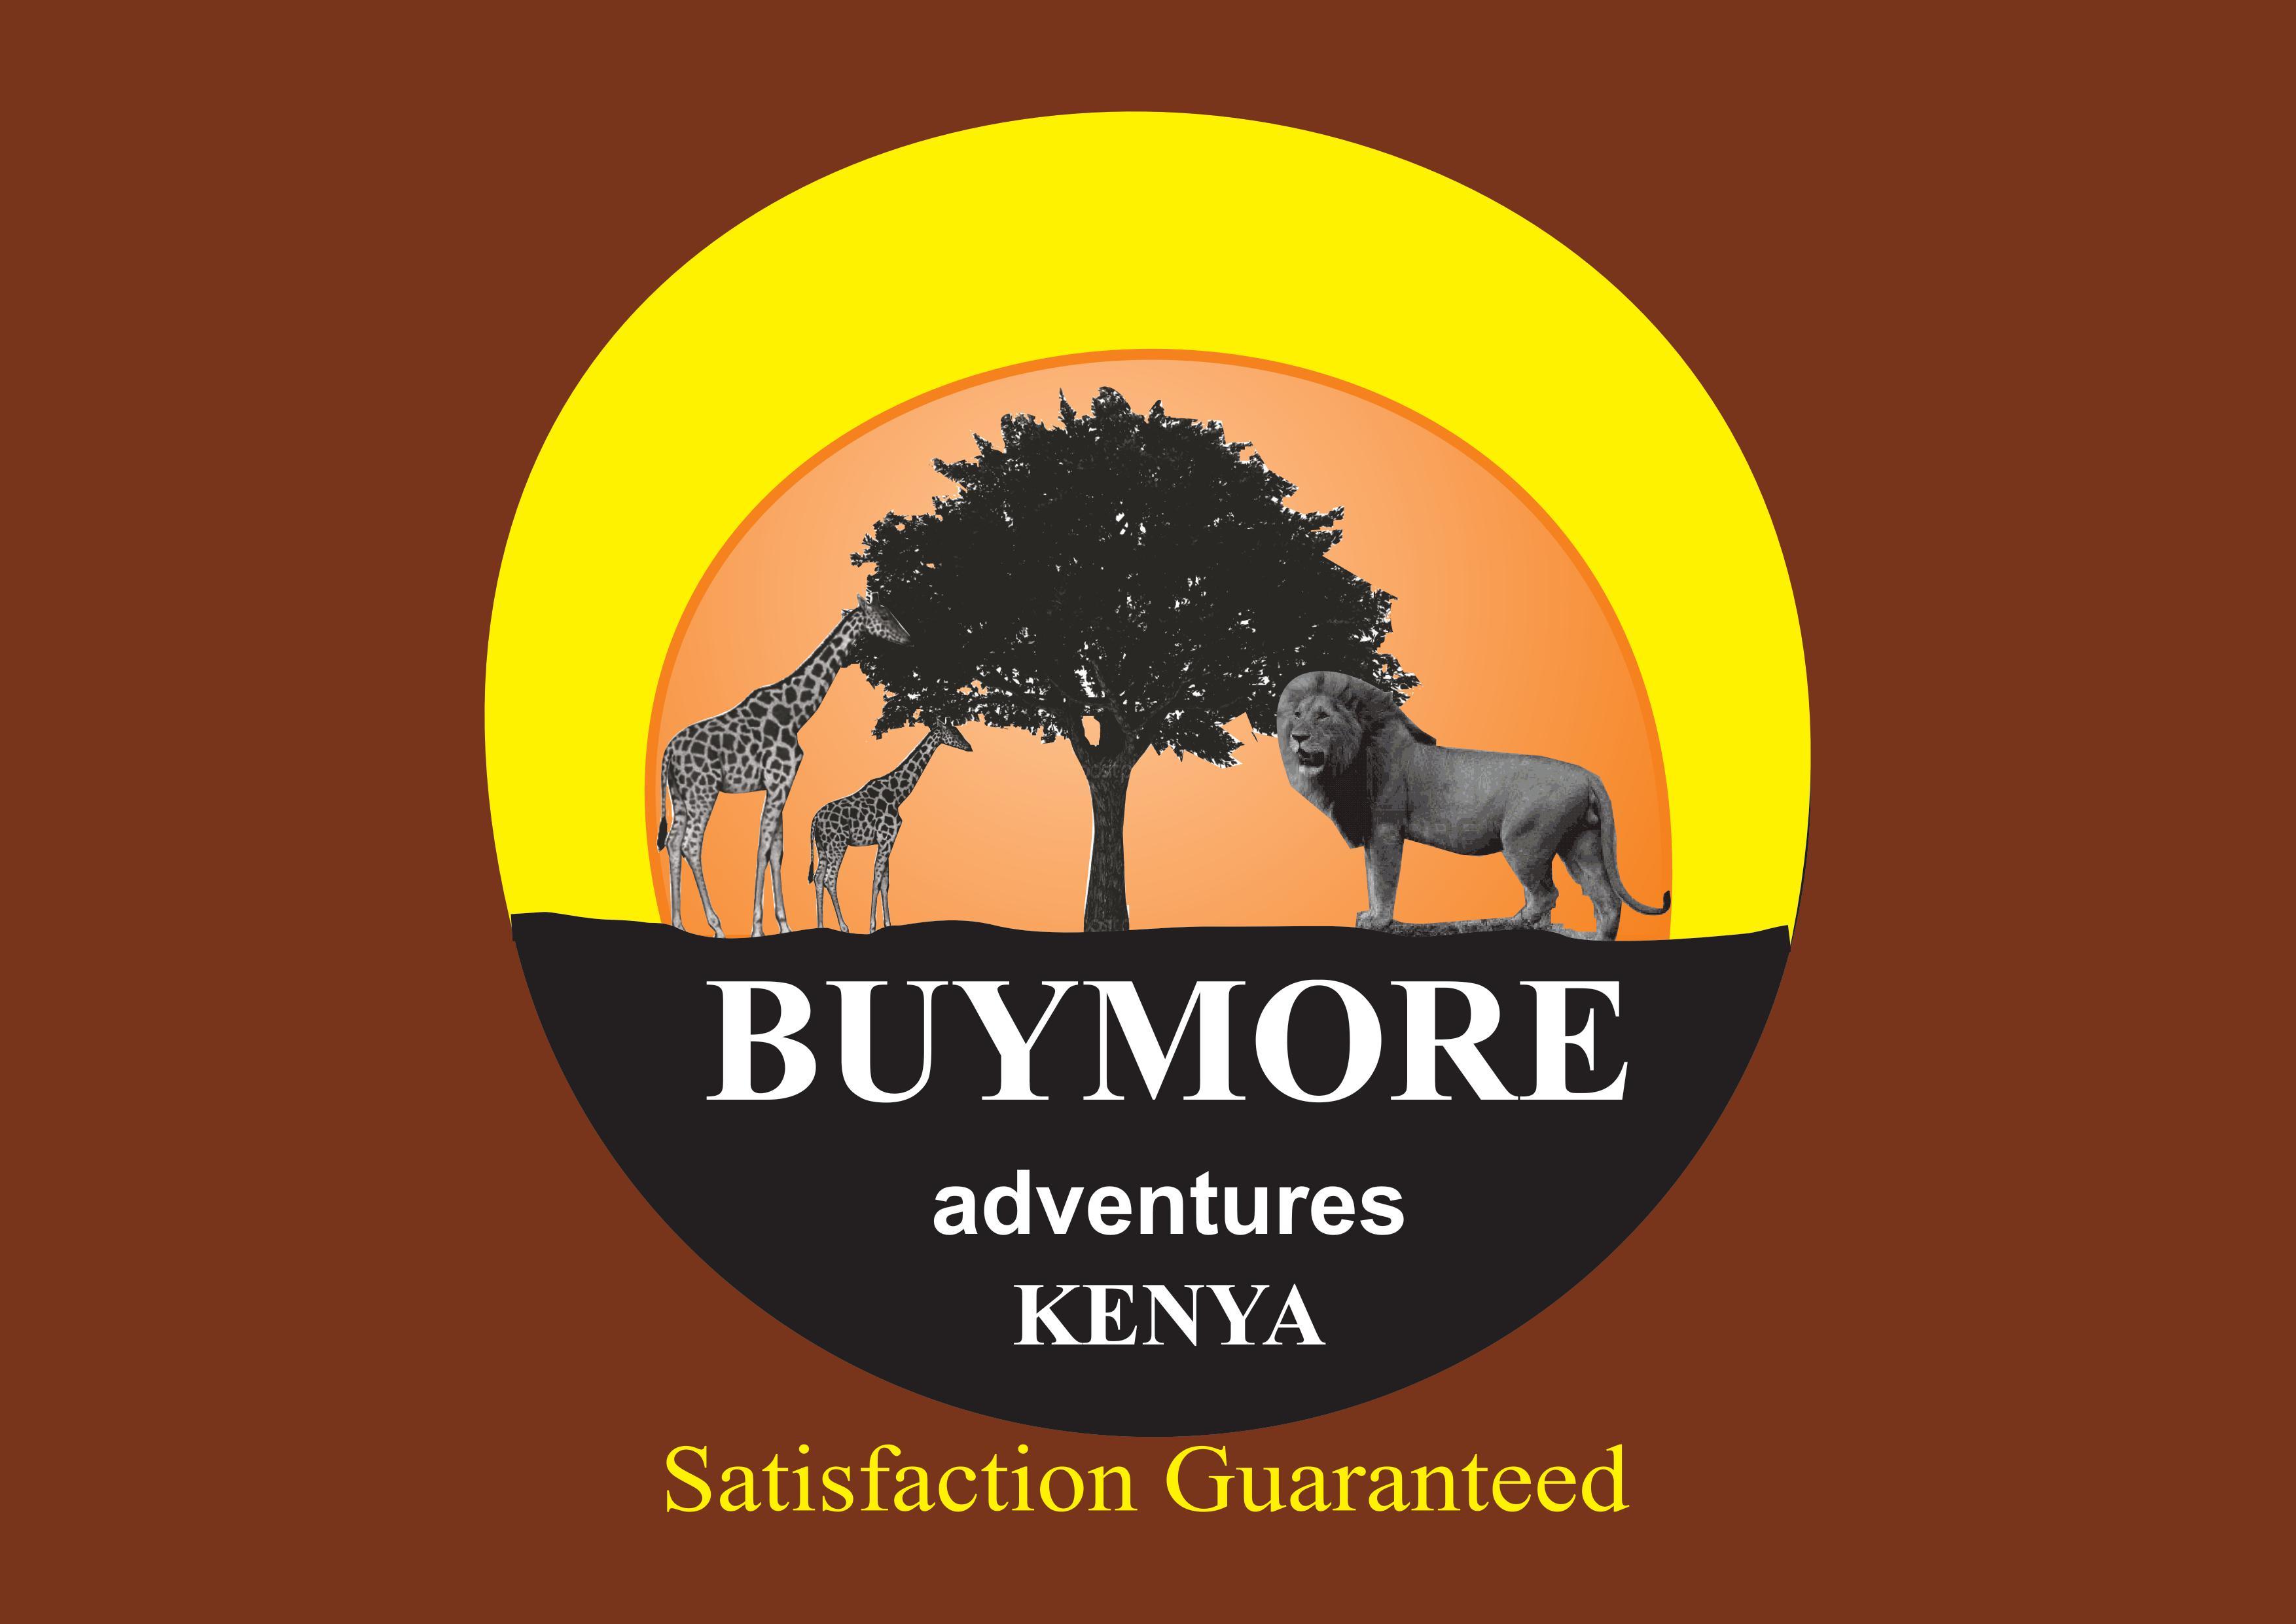 Buymore Adventures Ltd